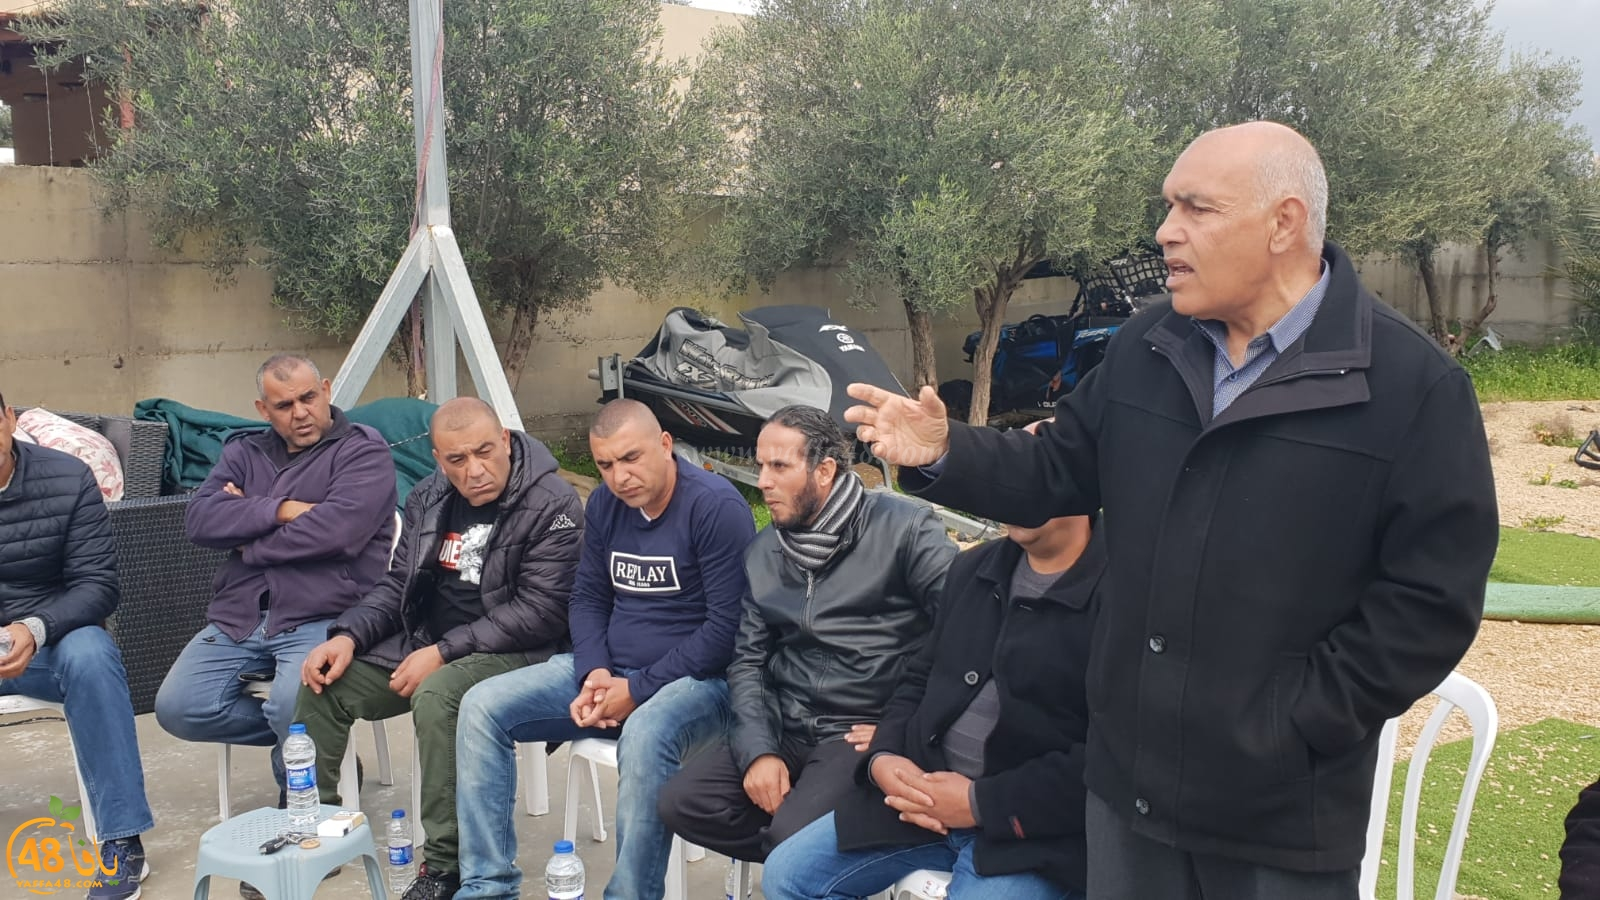 فيديو: عقد راية الصلح بين عائلتي شعبان وعبد الهادي في مدينة اللد